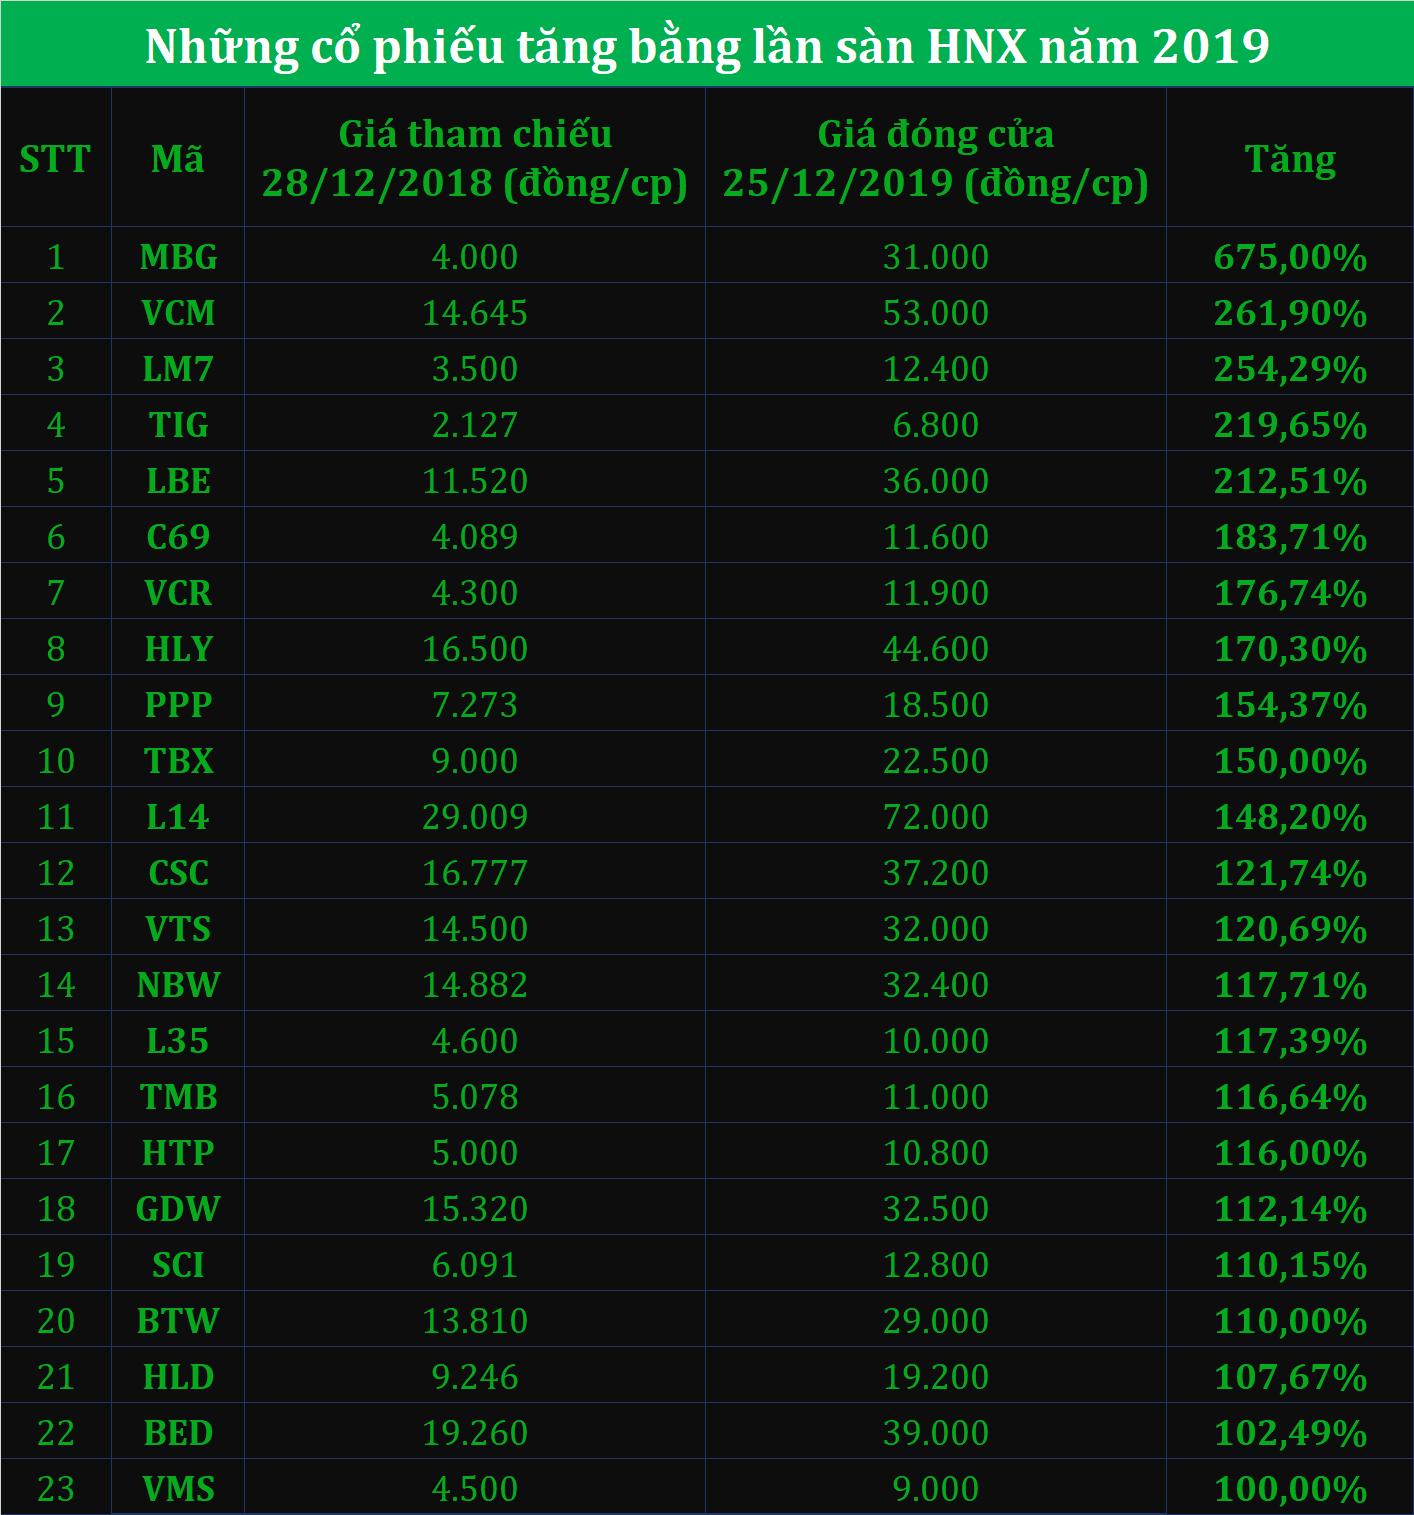 Điểm danh cổ phiếu tăng bằng lần trên hai sàn năm 2019 - Ảnh 2.